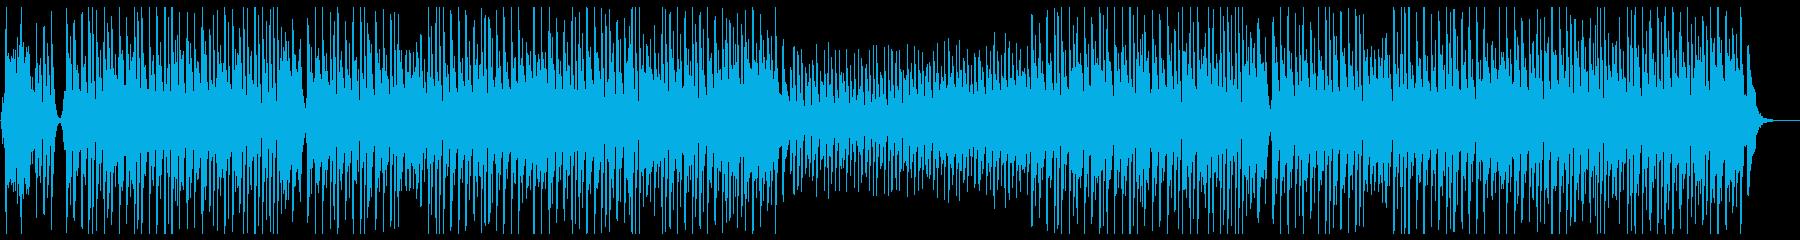 競争したくなる民族音楽の再生済みの波形